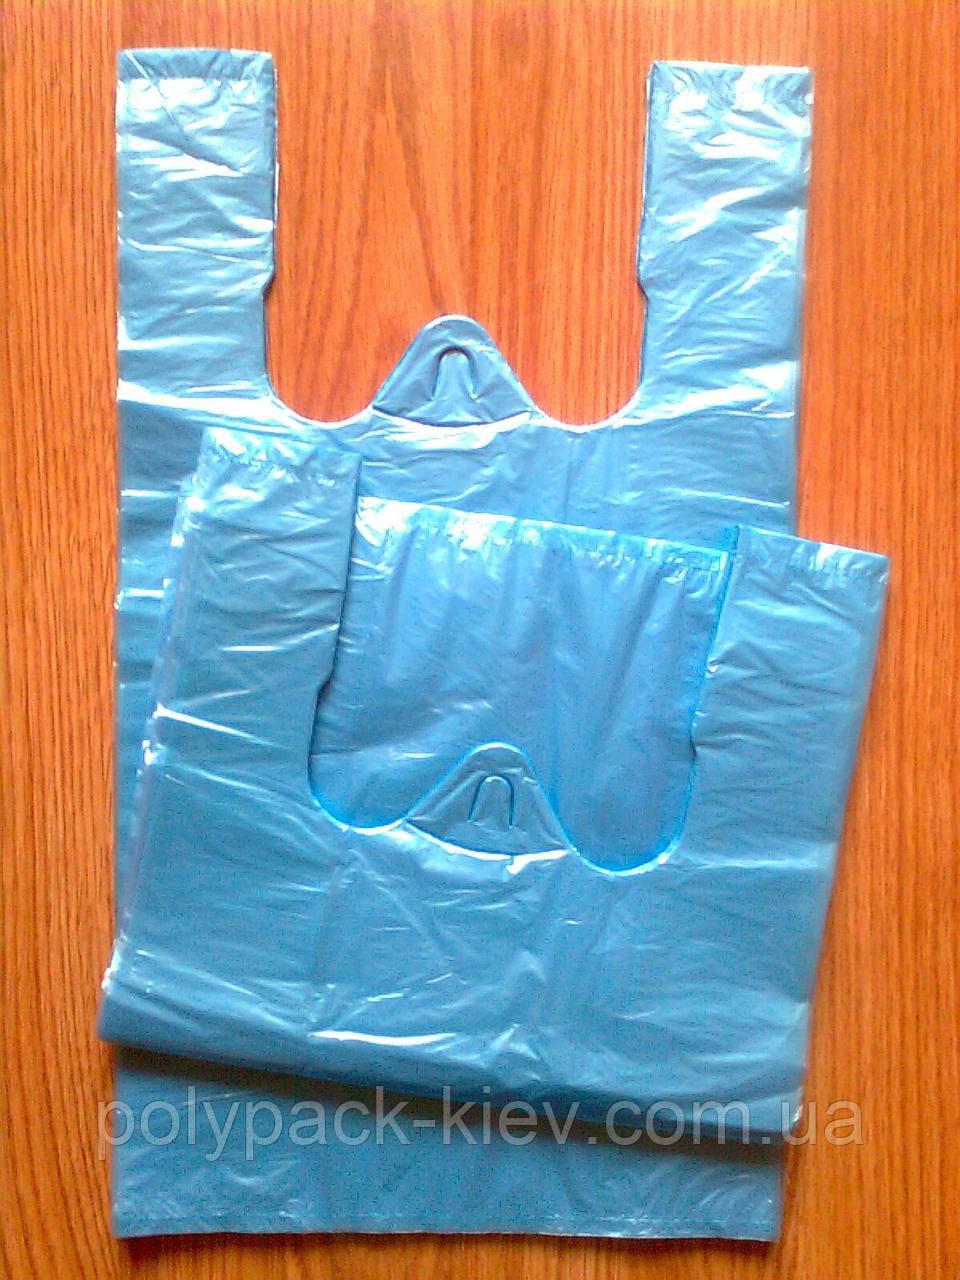 Пакеты-майка супер 25х43 см/12 мкм, прочные фасовочные пакеты, пакет упаковочный кульки от производителя оптом